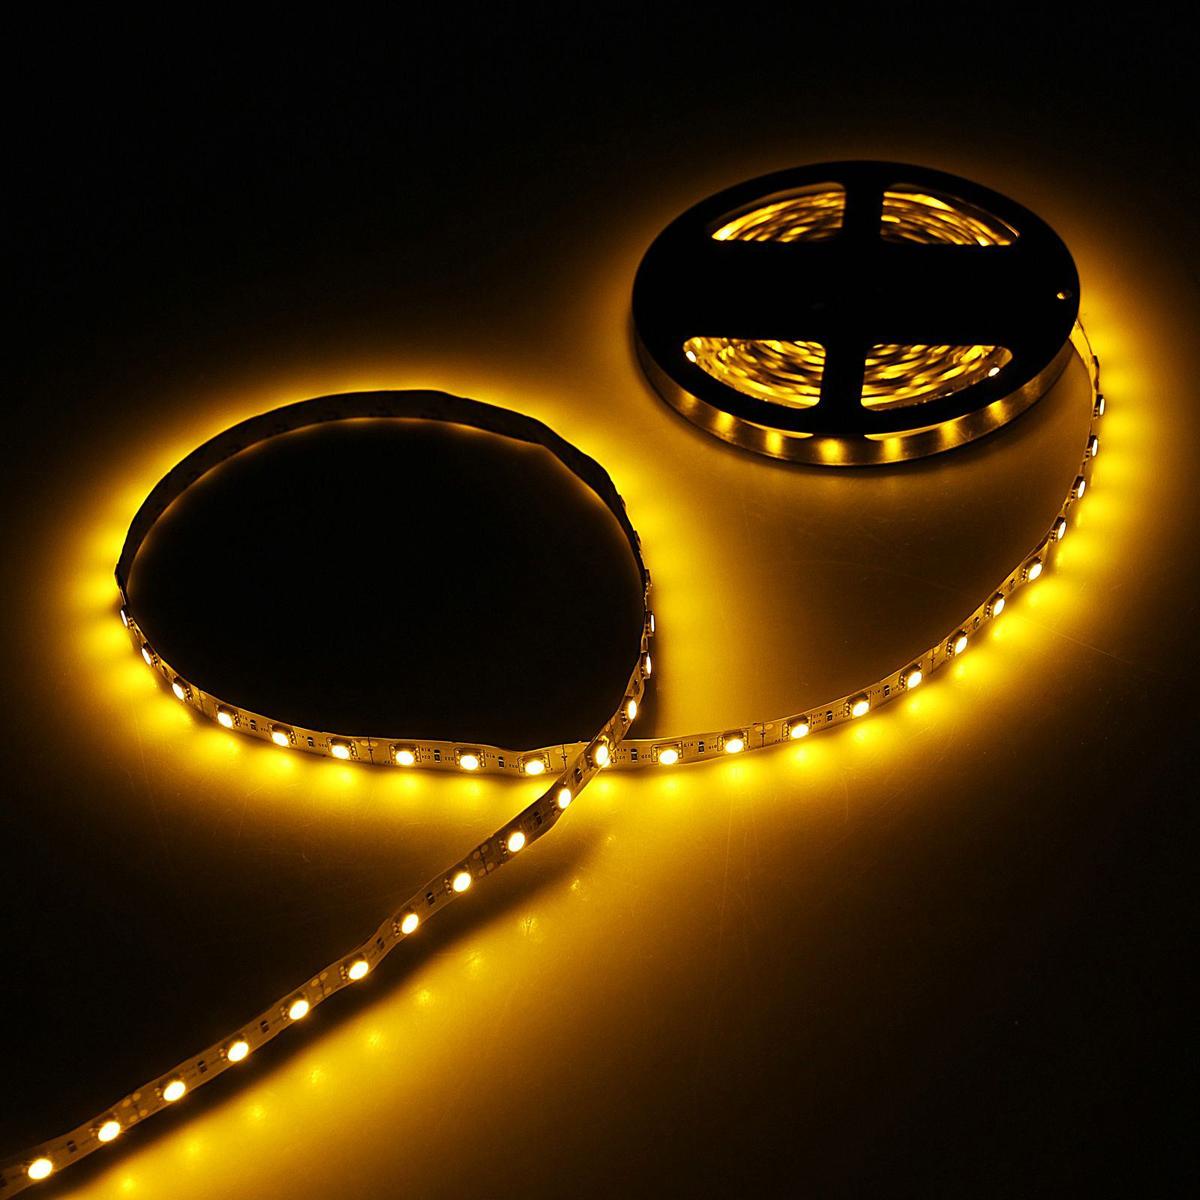 Светодиодная лента Sima-land, 12В, SMD5050, длина 5 м, IP33, 60 LED ламп, 14.4 Вт/м, DC, цвет: желтый682319Светодиодные гирлянды, ленты и т.д — это отличный вариант для новогоднего оформления интерьера или фасада. С их помощью помещение любого размера можно превратить в праздничный зал, а внешние элементы зданий, украшенные ими, мгновенно станут напоминать очертания сказочного дворца. Такие украшения создают ауру предвкушения чуда. Деревья, фасады, витрины, окна и арки будто специально созданы, чтобы вы украсили их светящимися нитями.